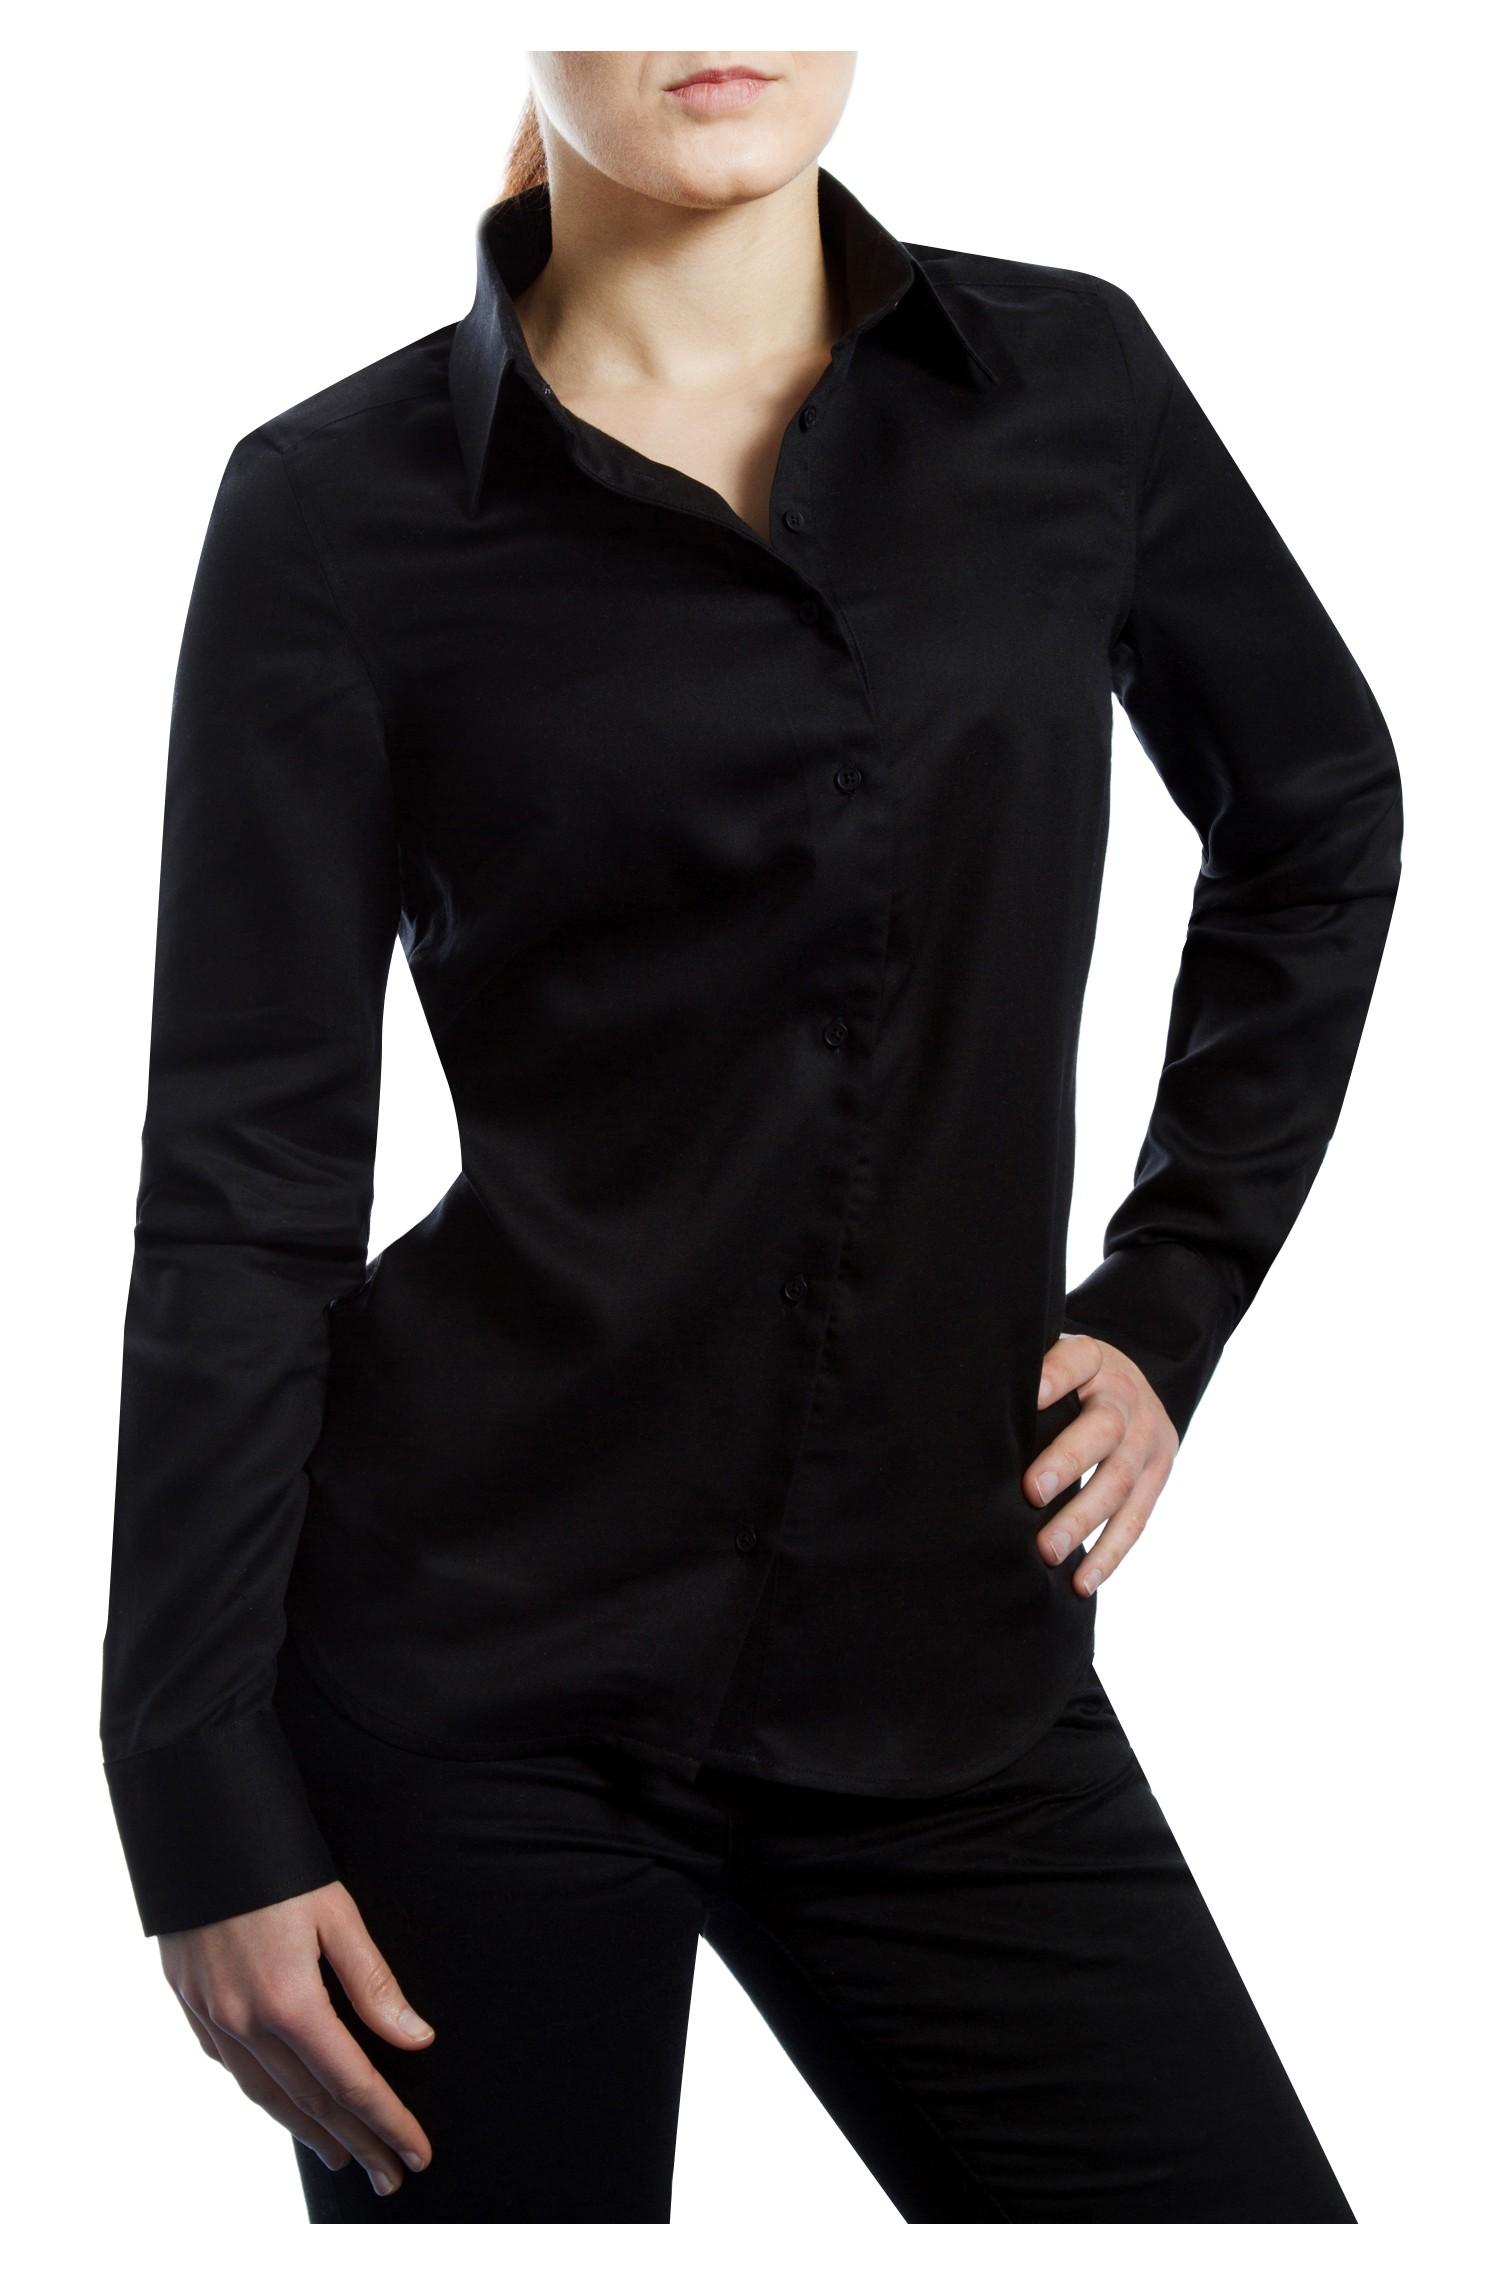 slim fit business black tencel shirts by detime ref 179 00 this slim. Black Bedroom Furniture Sets. Home Design Ideas